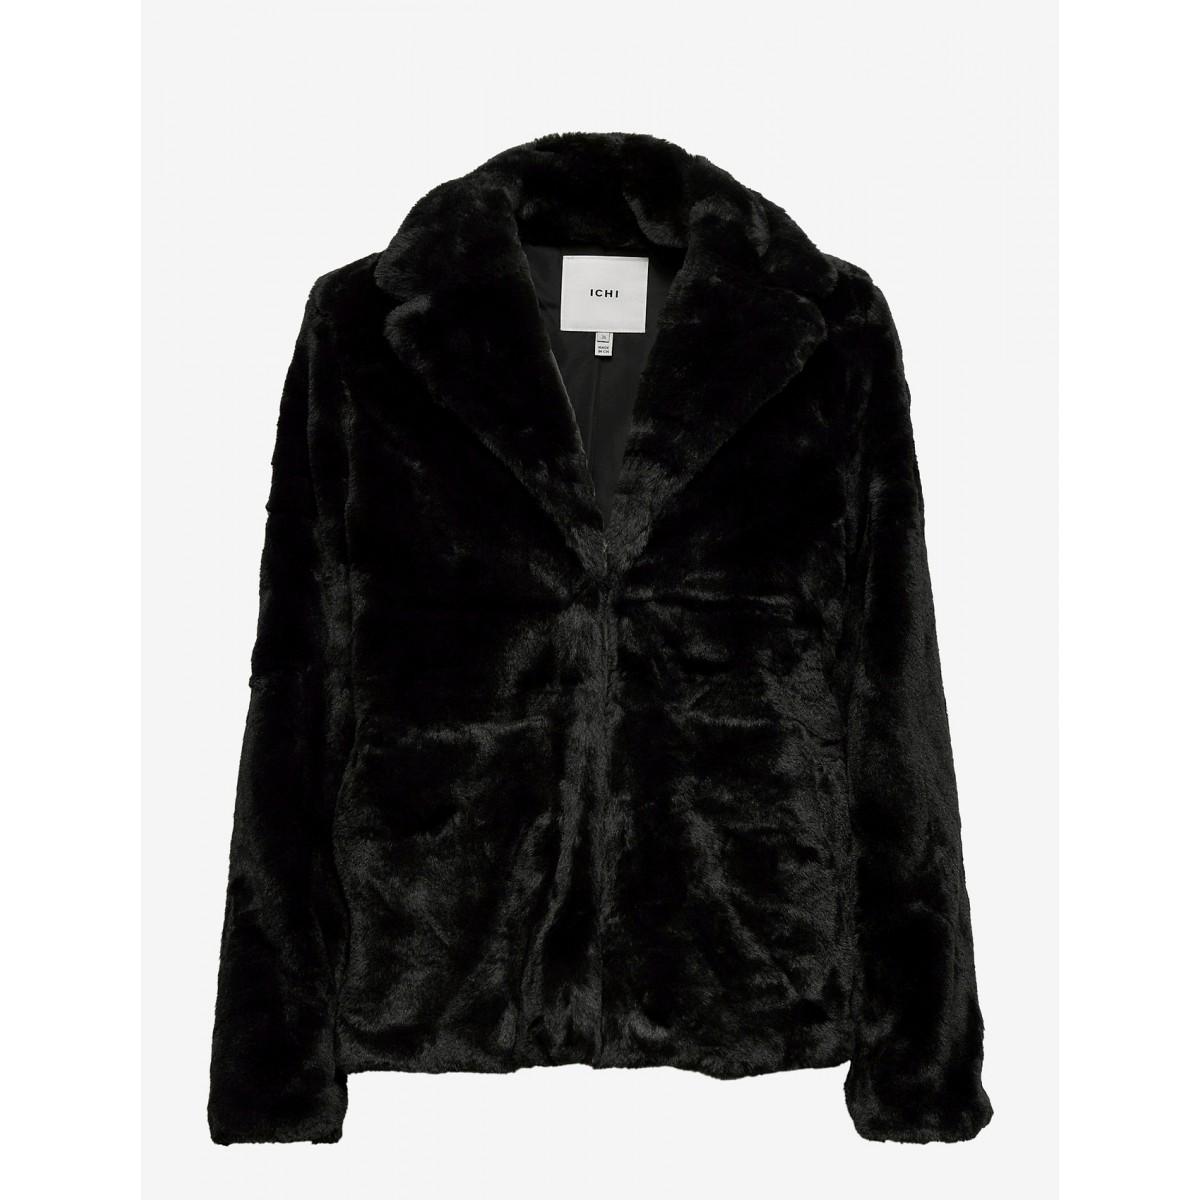 Ichi - Manteau fourrure noire